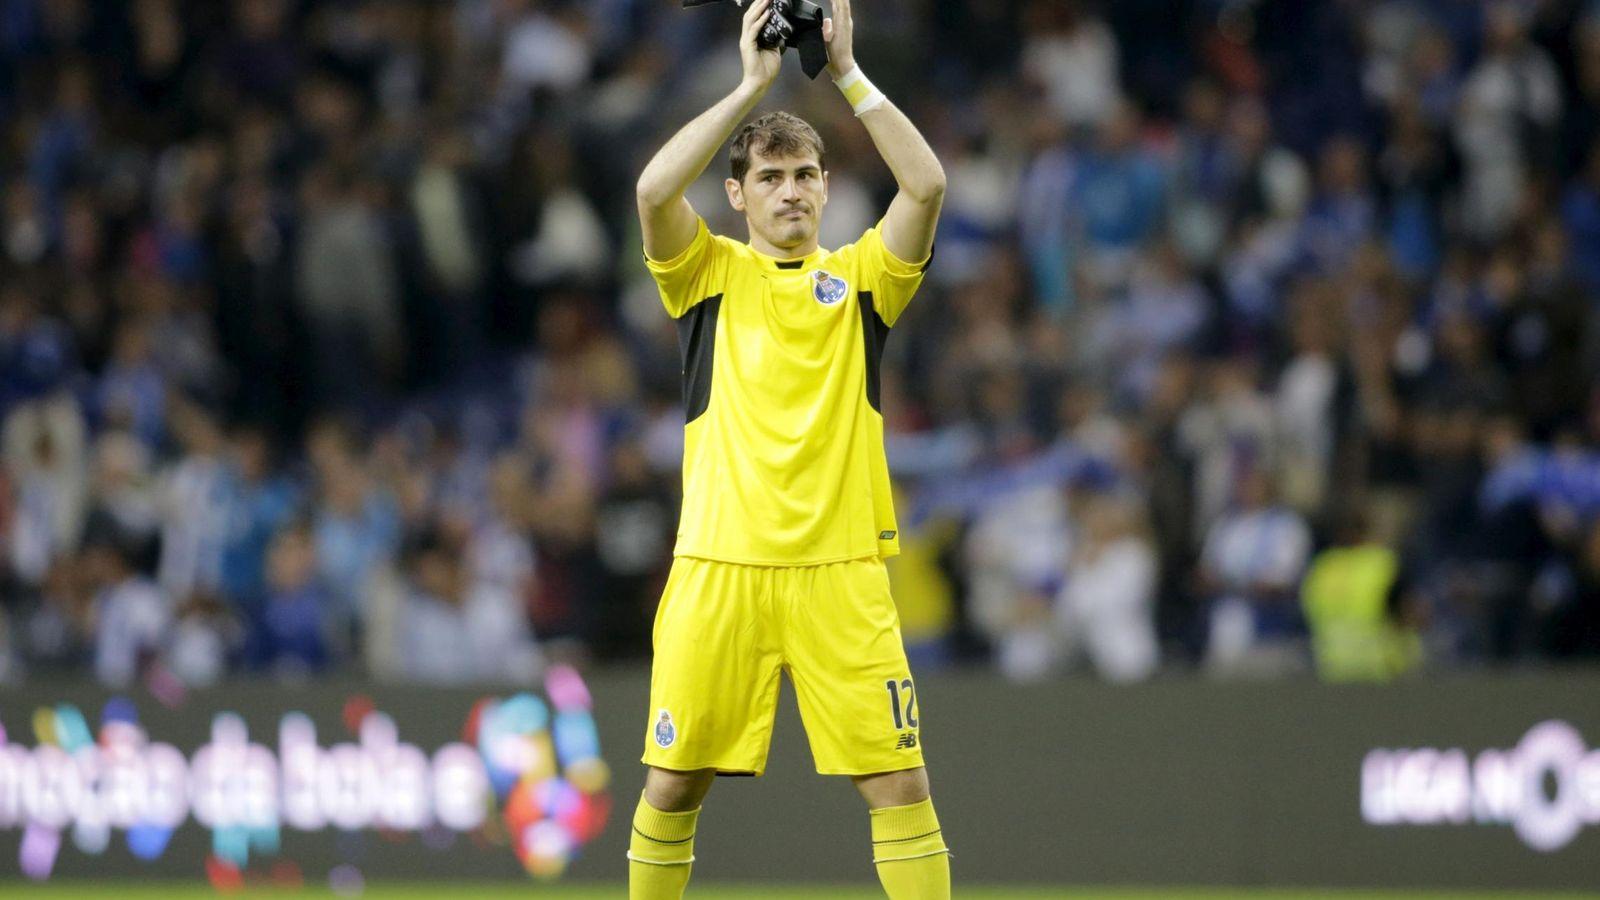 Foto: Iker Casillas saluda a la afición del Porto en su estreno en la liga portuguesa (Reuters)